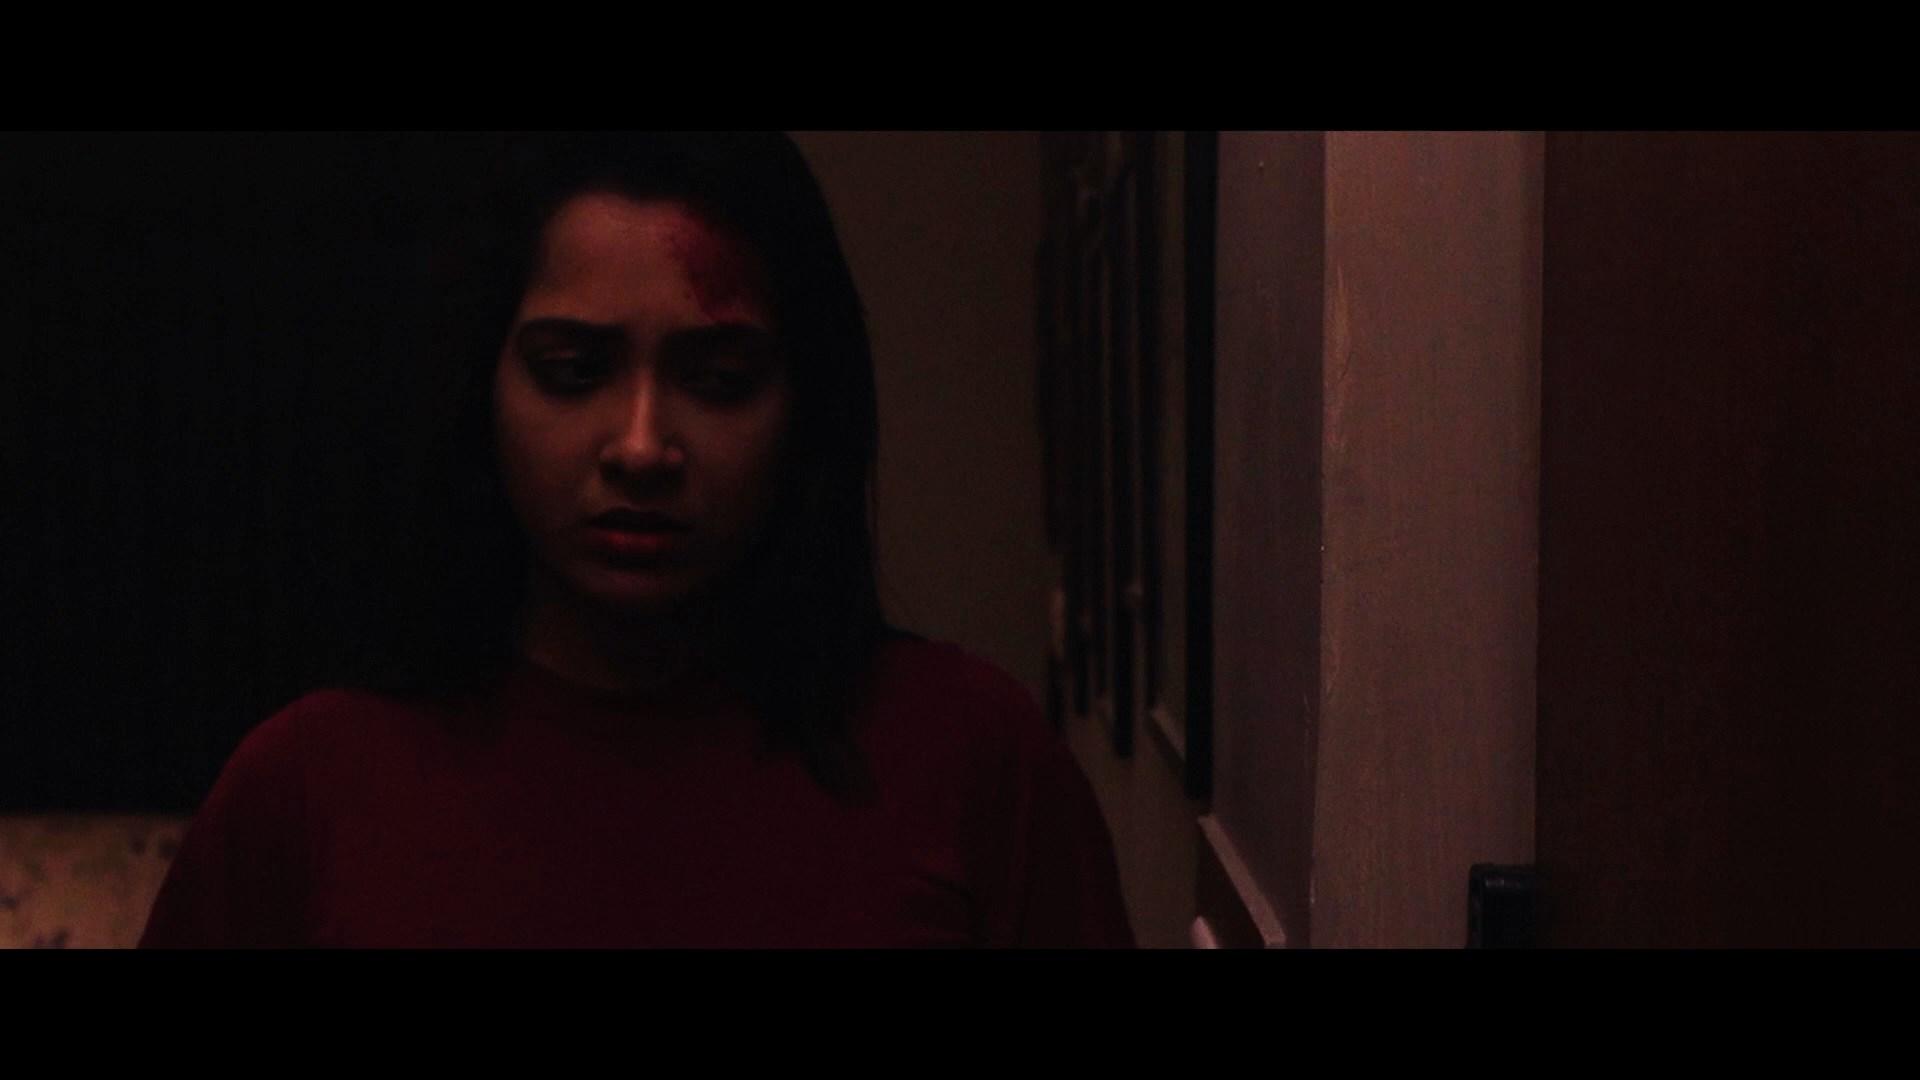 THE HIDDEN FACE (12)